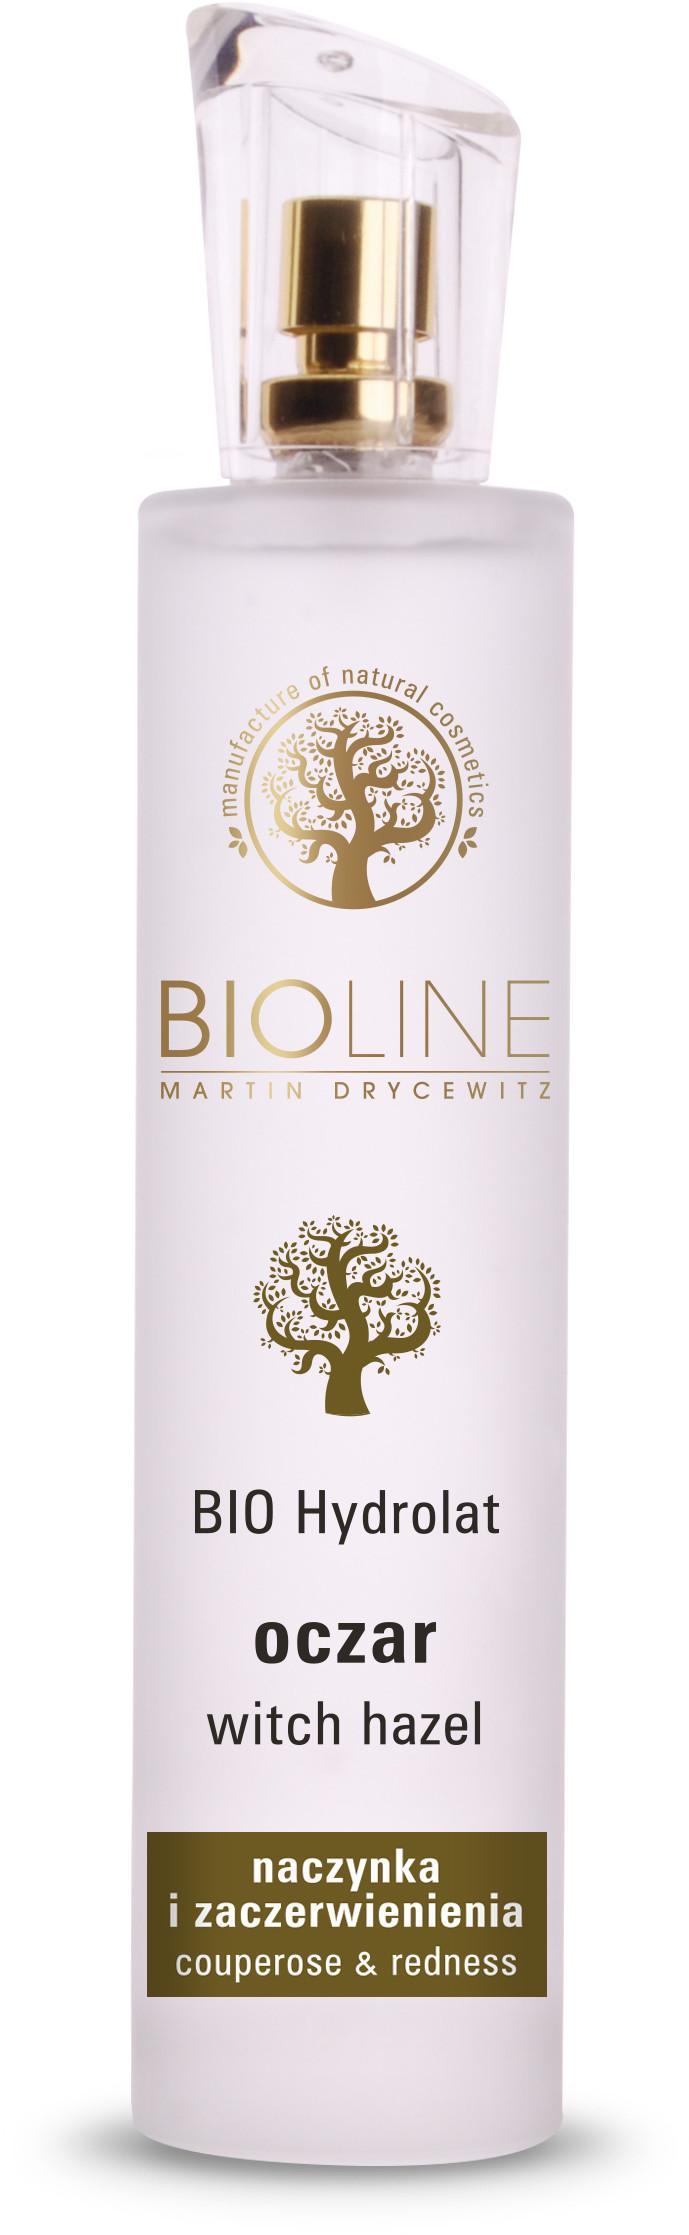 Bioline Hydrolat oczarowy BIO 75ml